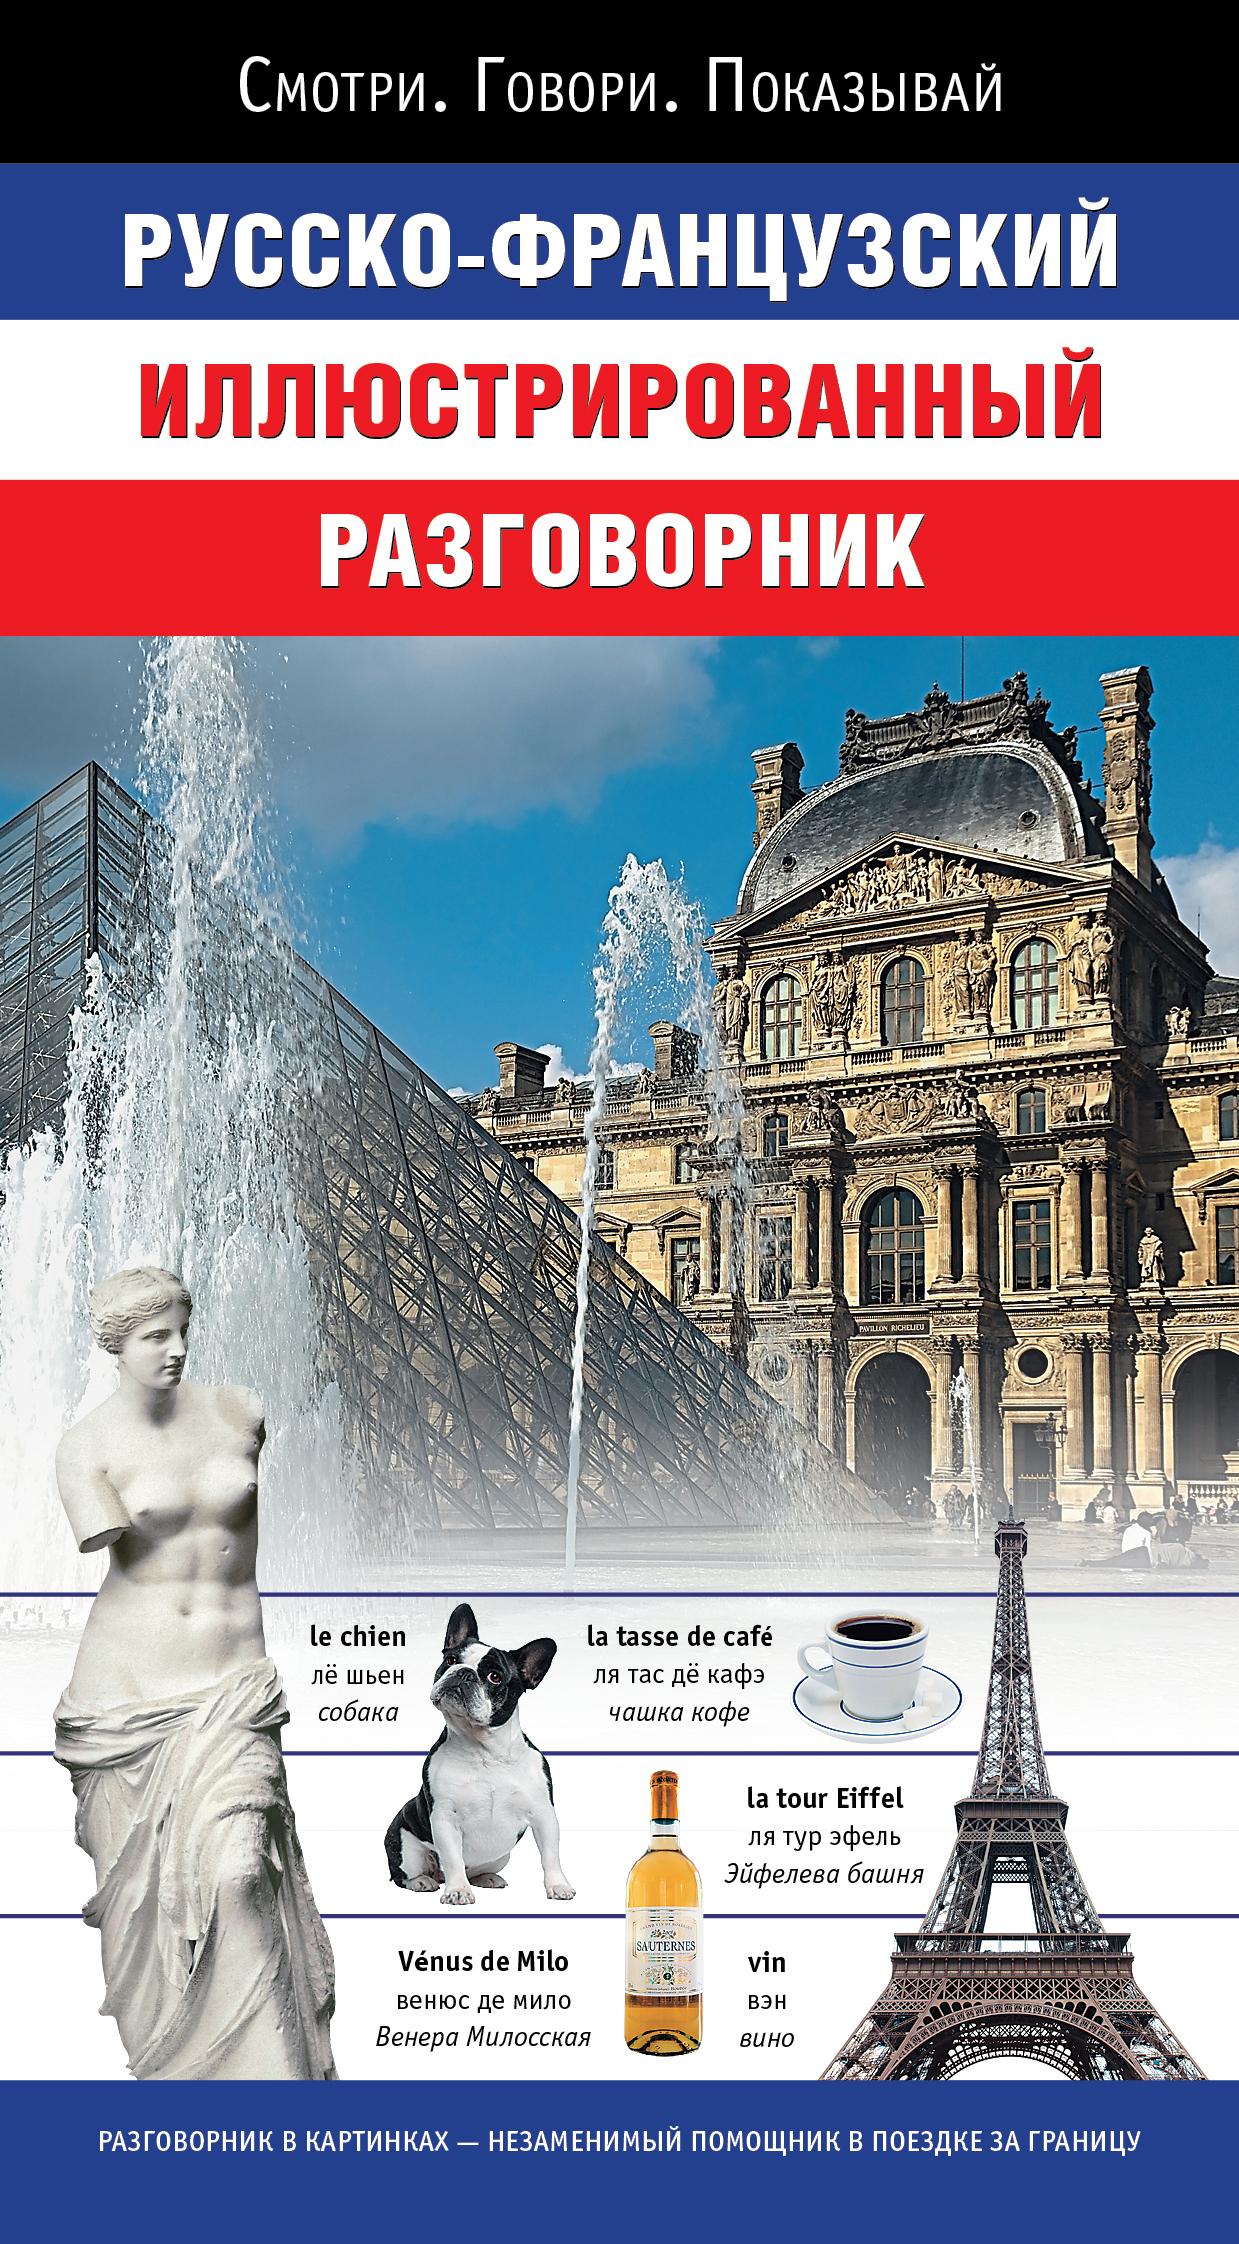 Русско-французский иллюстрированный разговорник